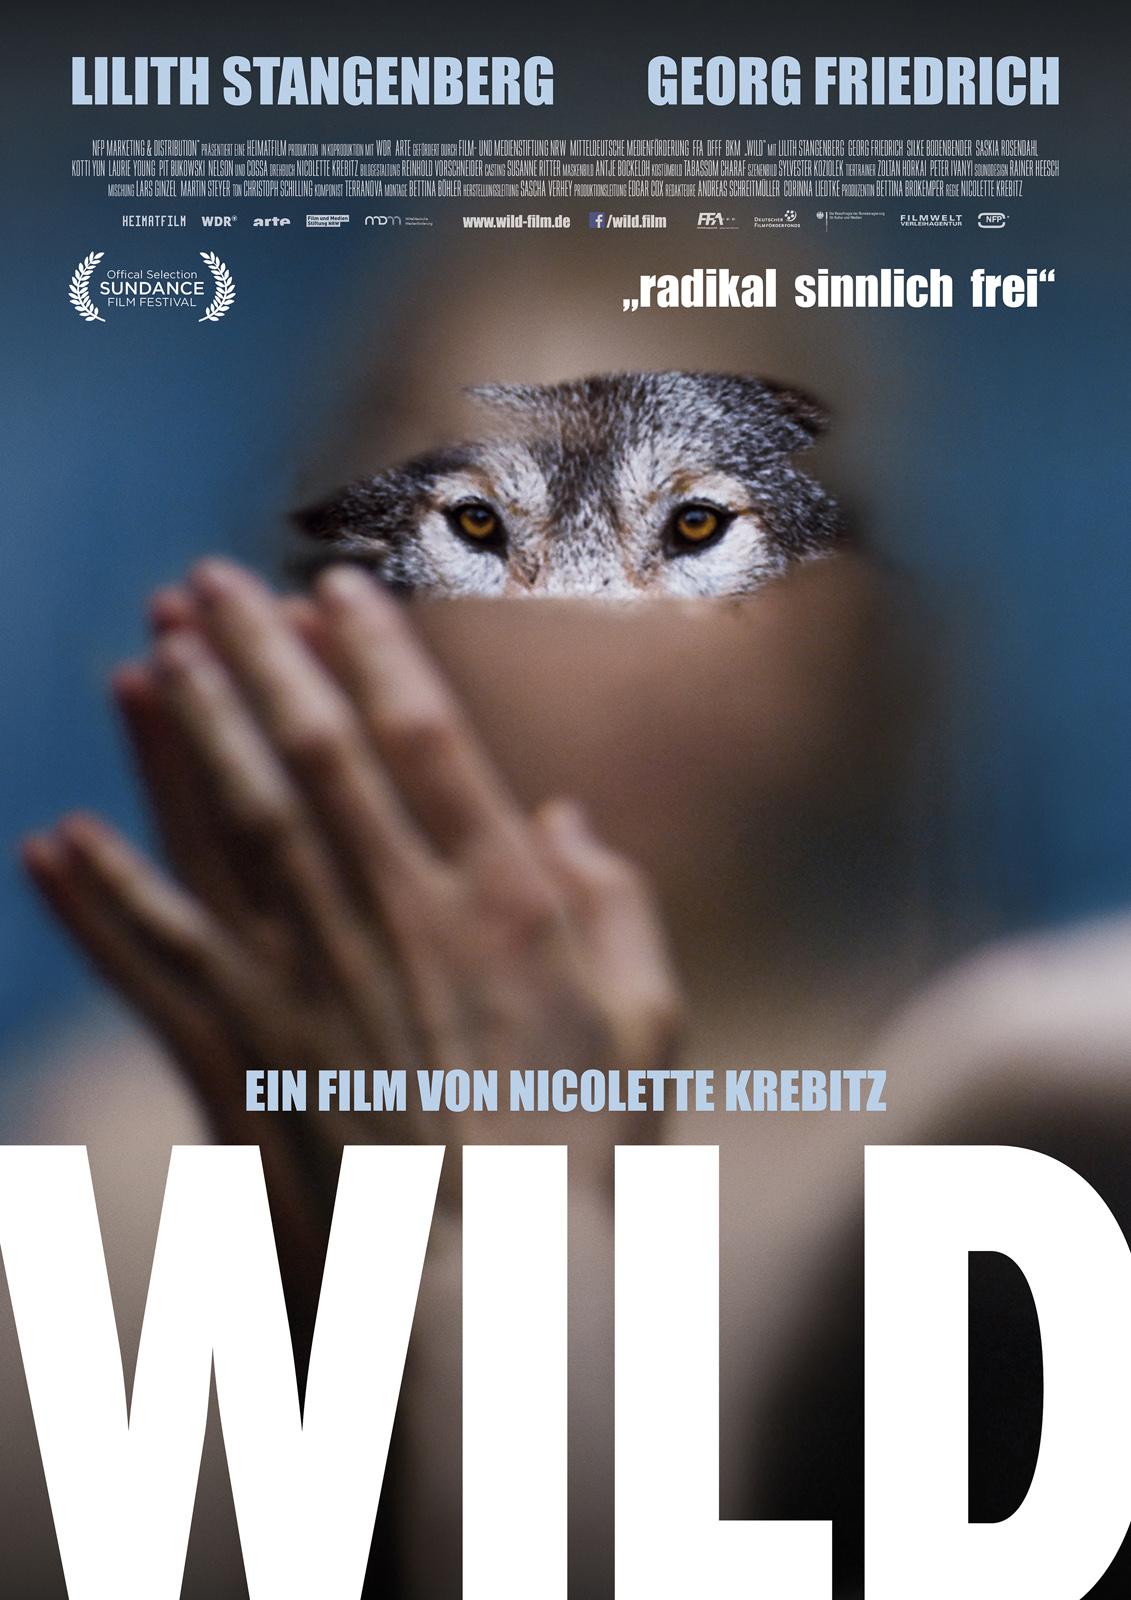 filmed wild